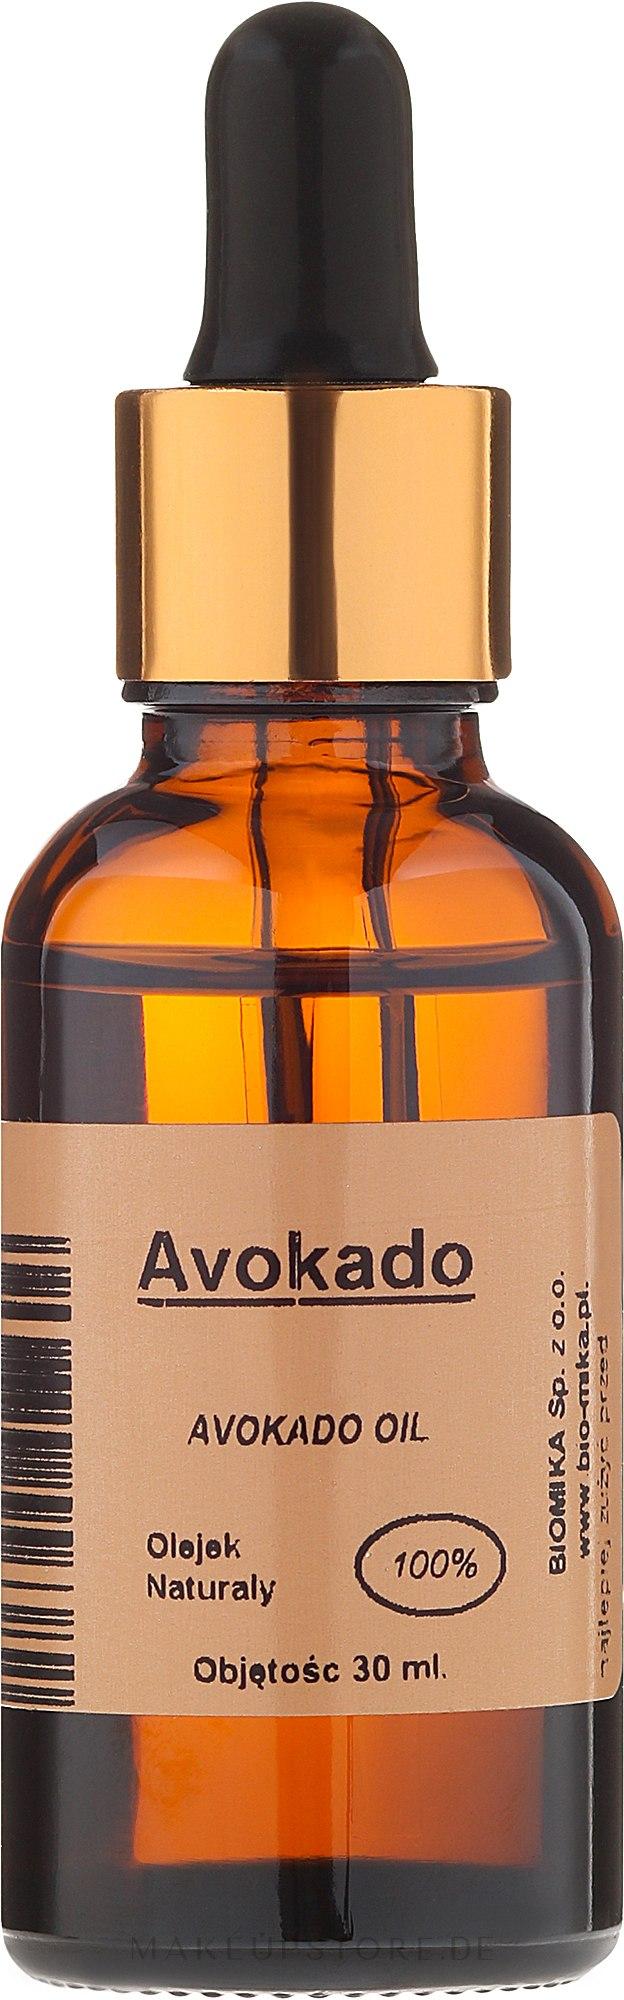 100% natürliches Avocadoöl - Biomika Avokado Oil — Bild 30 ml